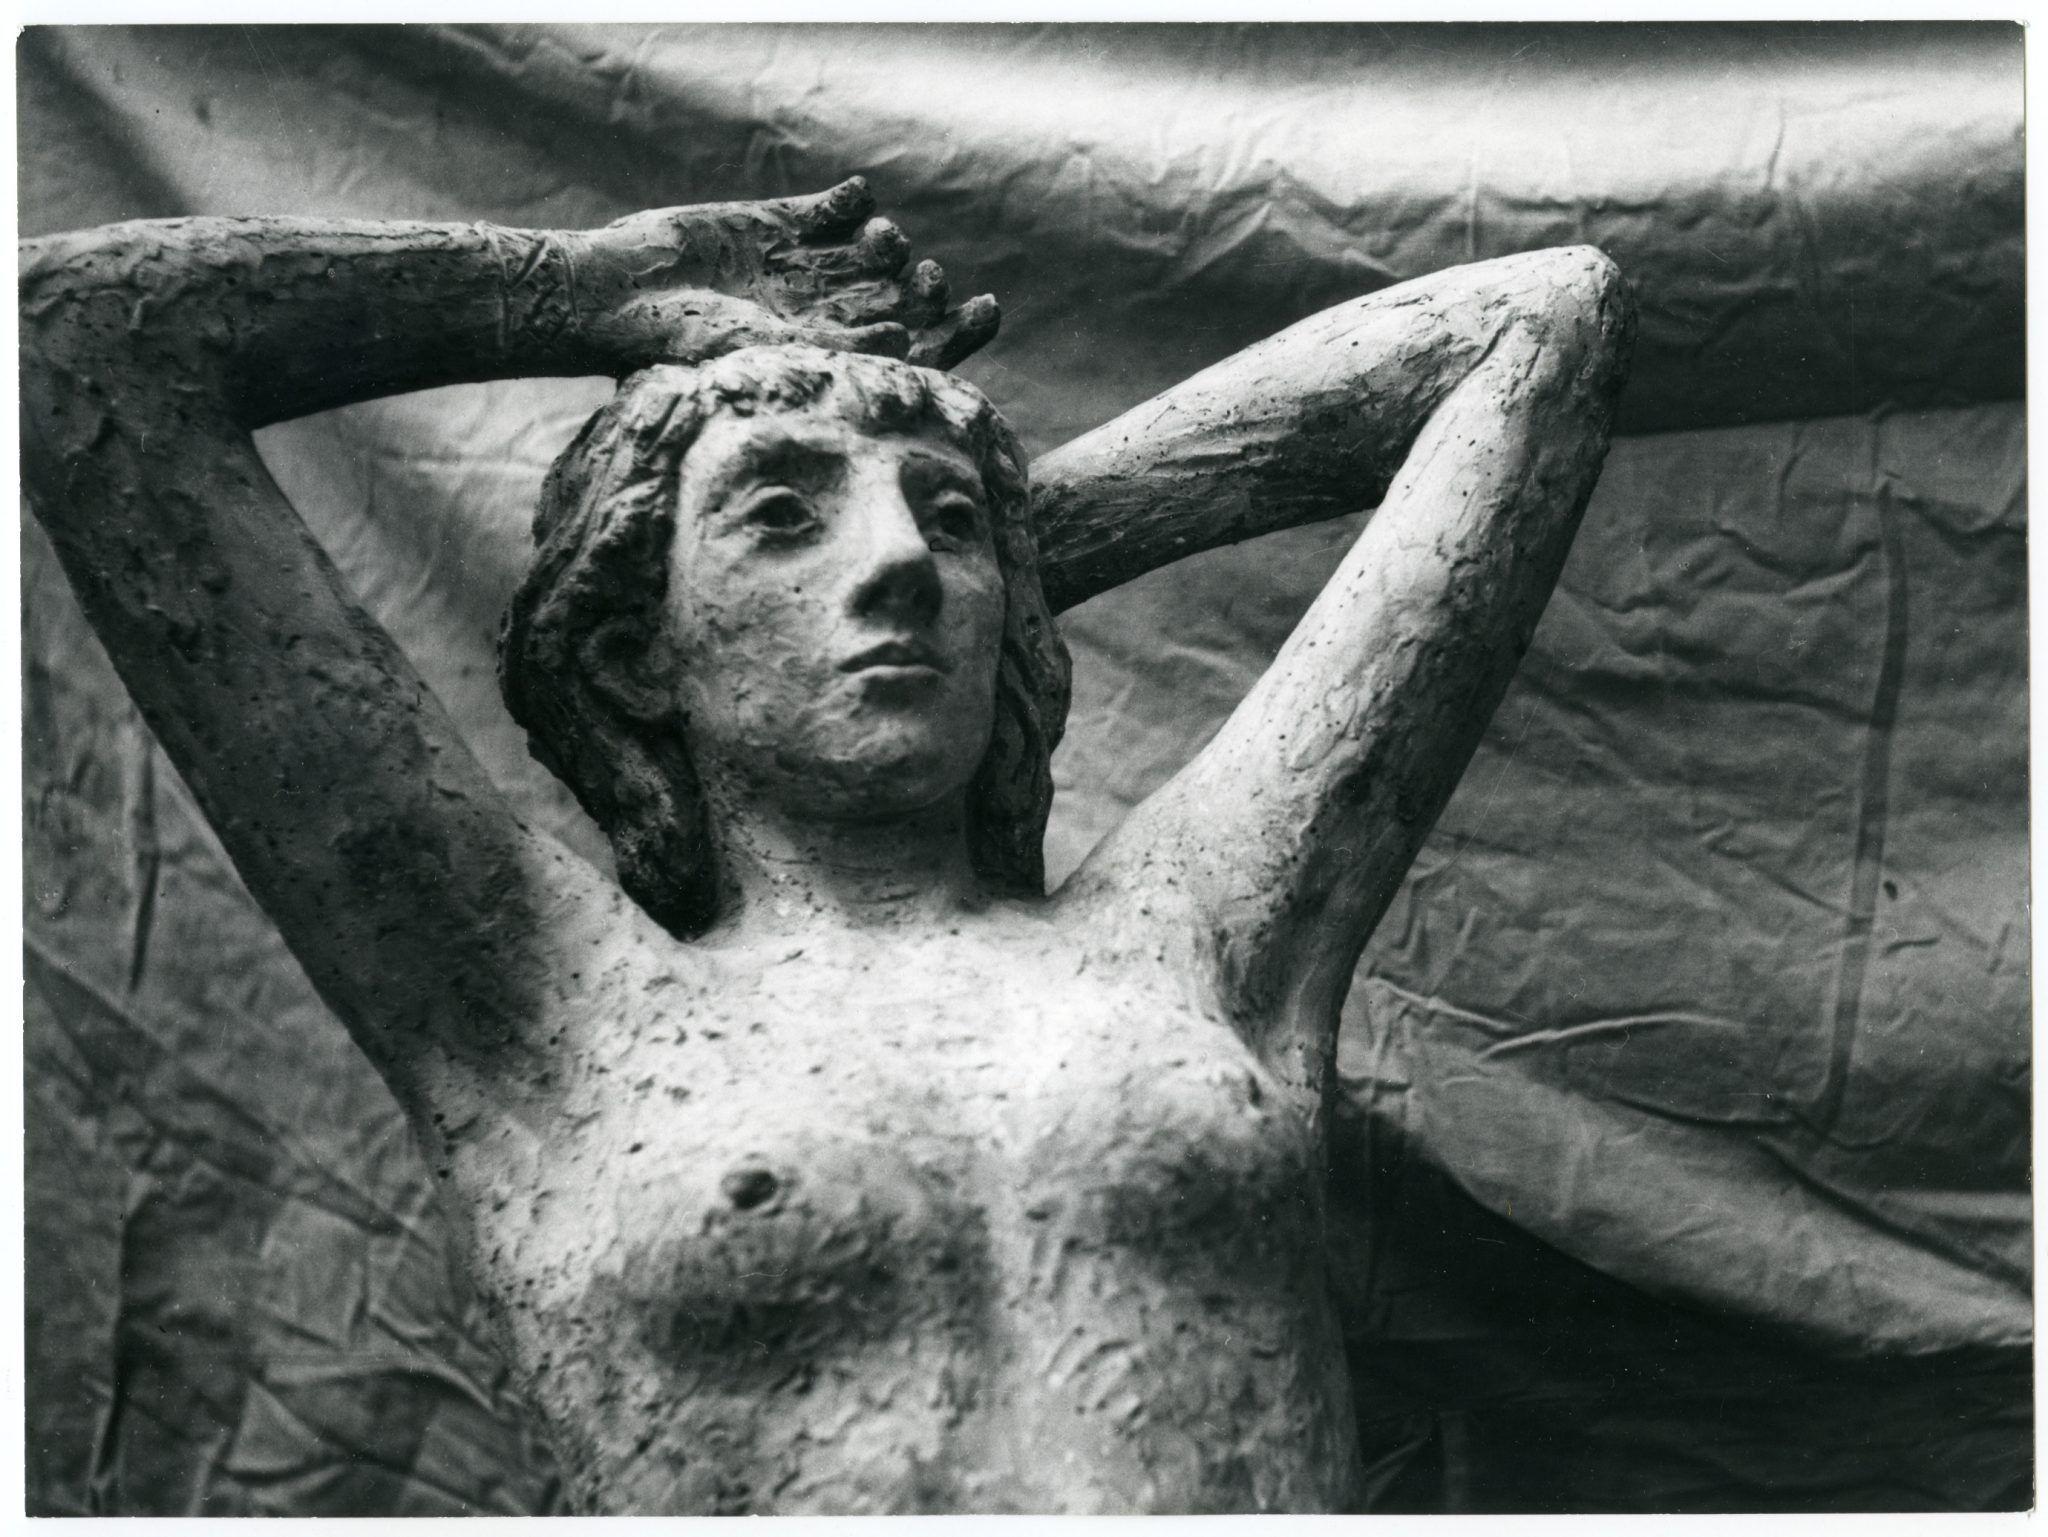 Genni, una scultrice di respiro europeo nella Milano del '900